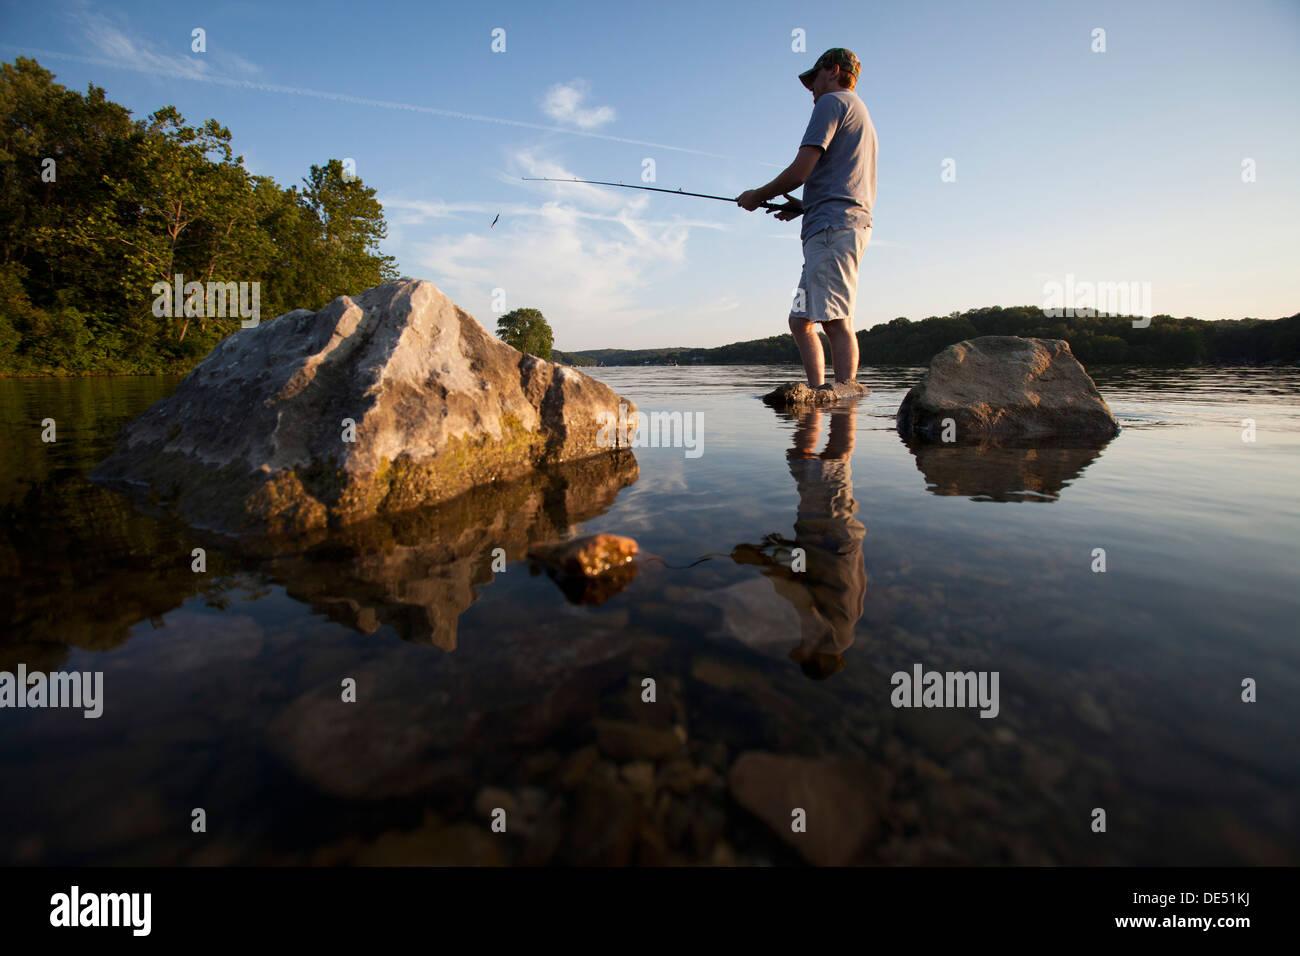 Un hombre arroja su línea mientras la pesca en el lago Windsor en Bella Vista, Arkansas. Imagen De Stock